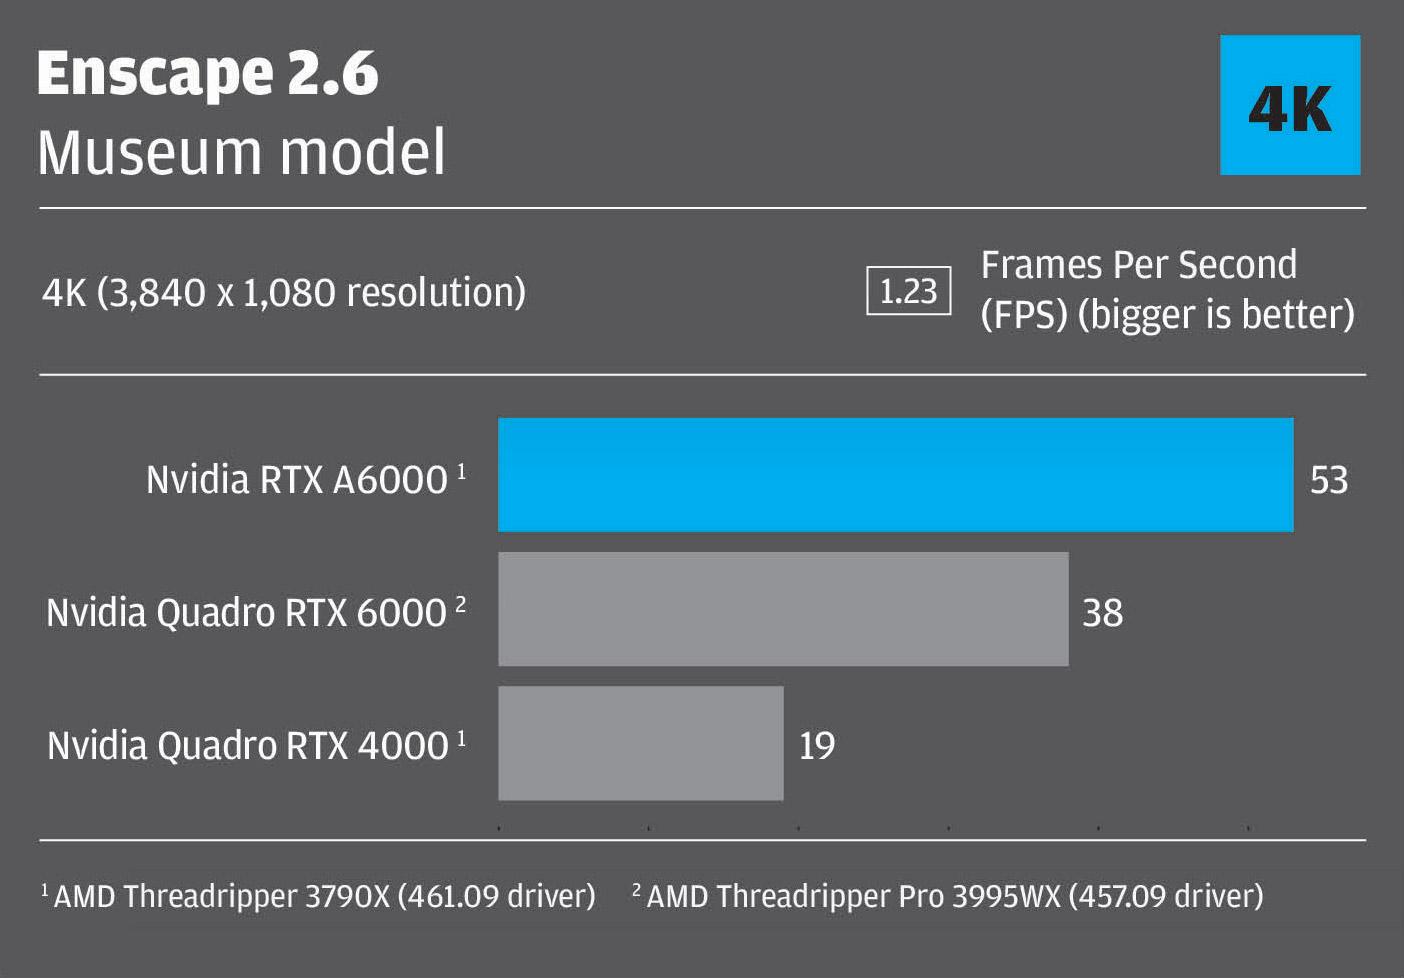 Enscape RTX A6000